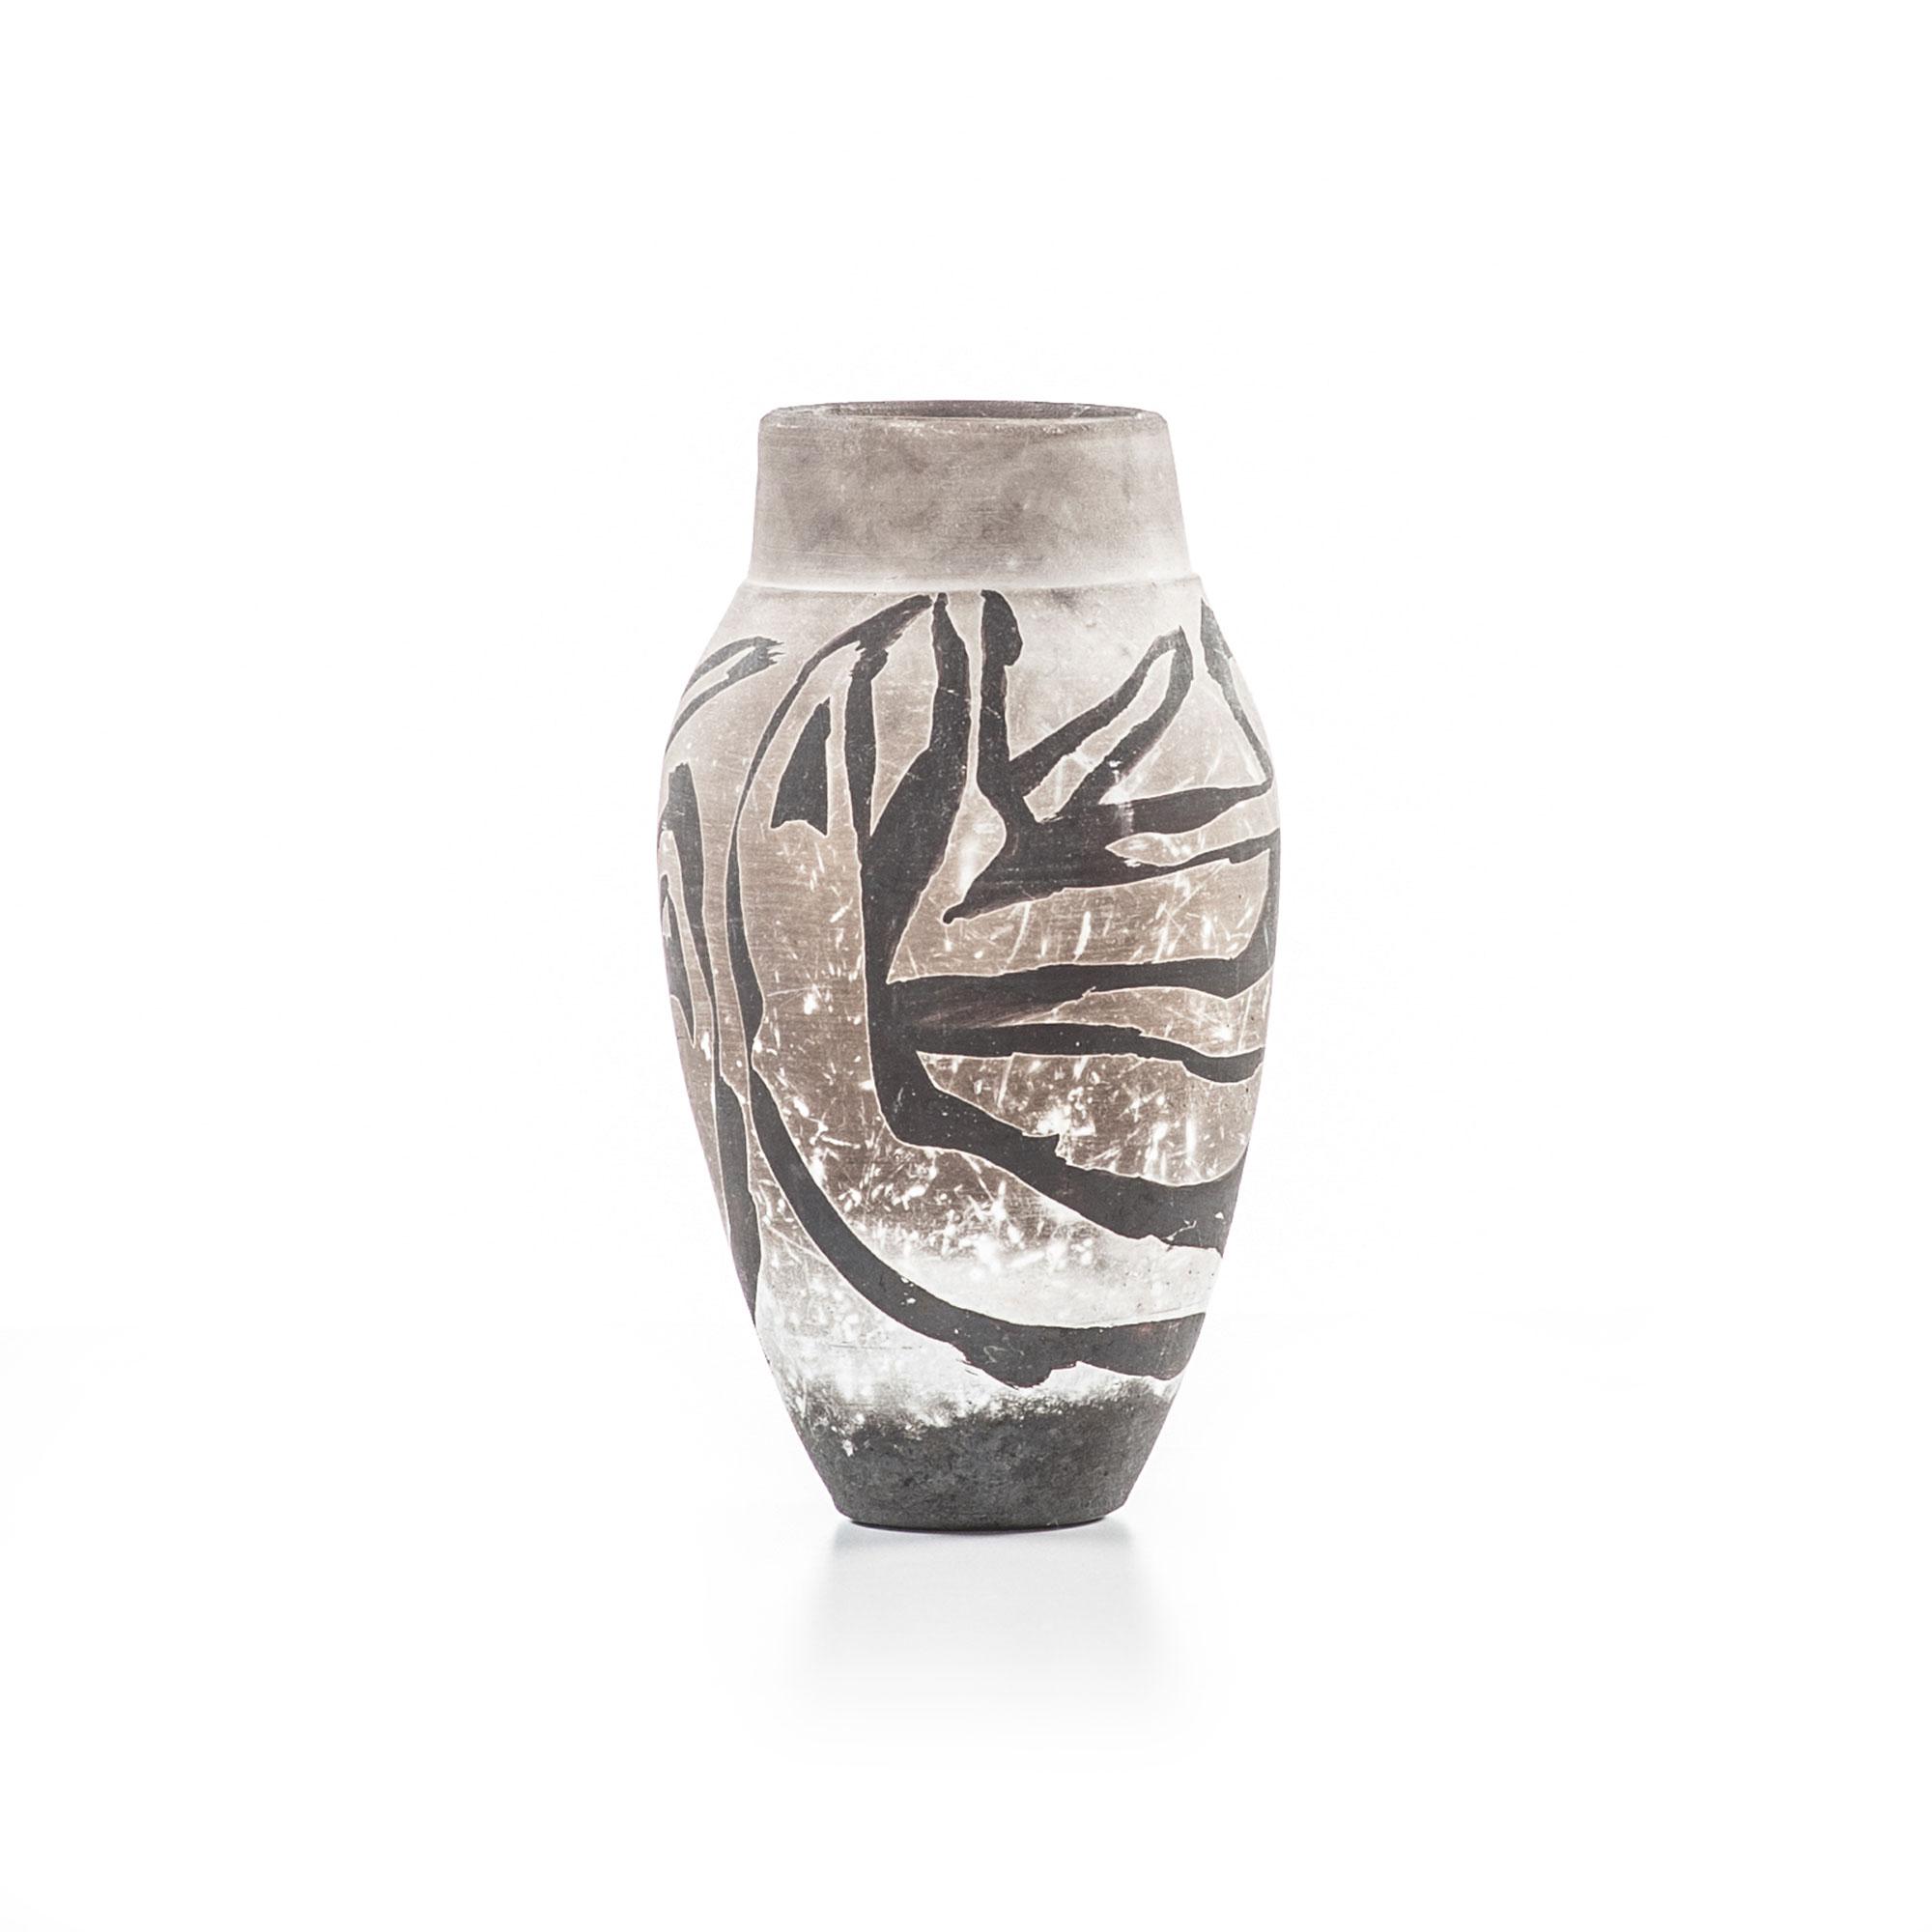 Halo raku vase with figures